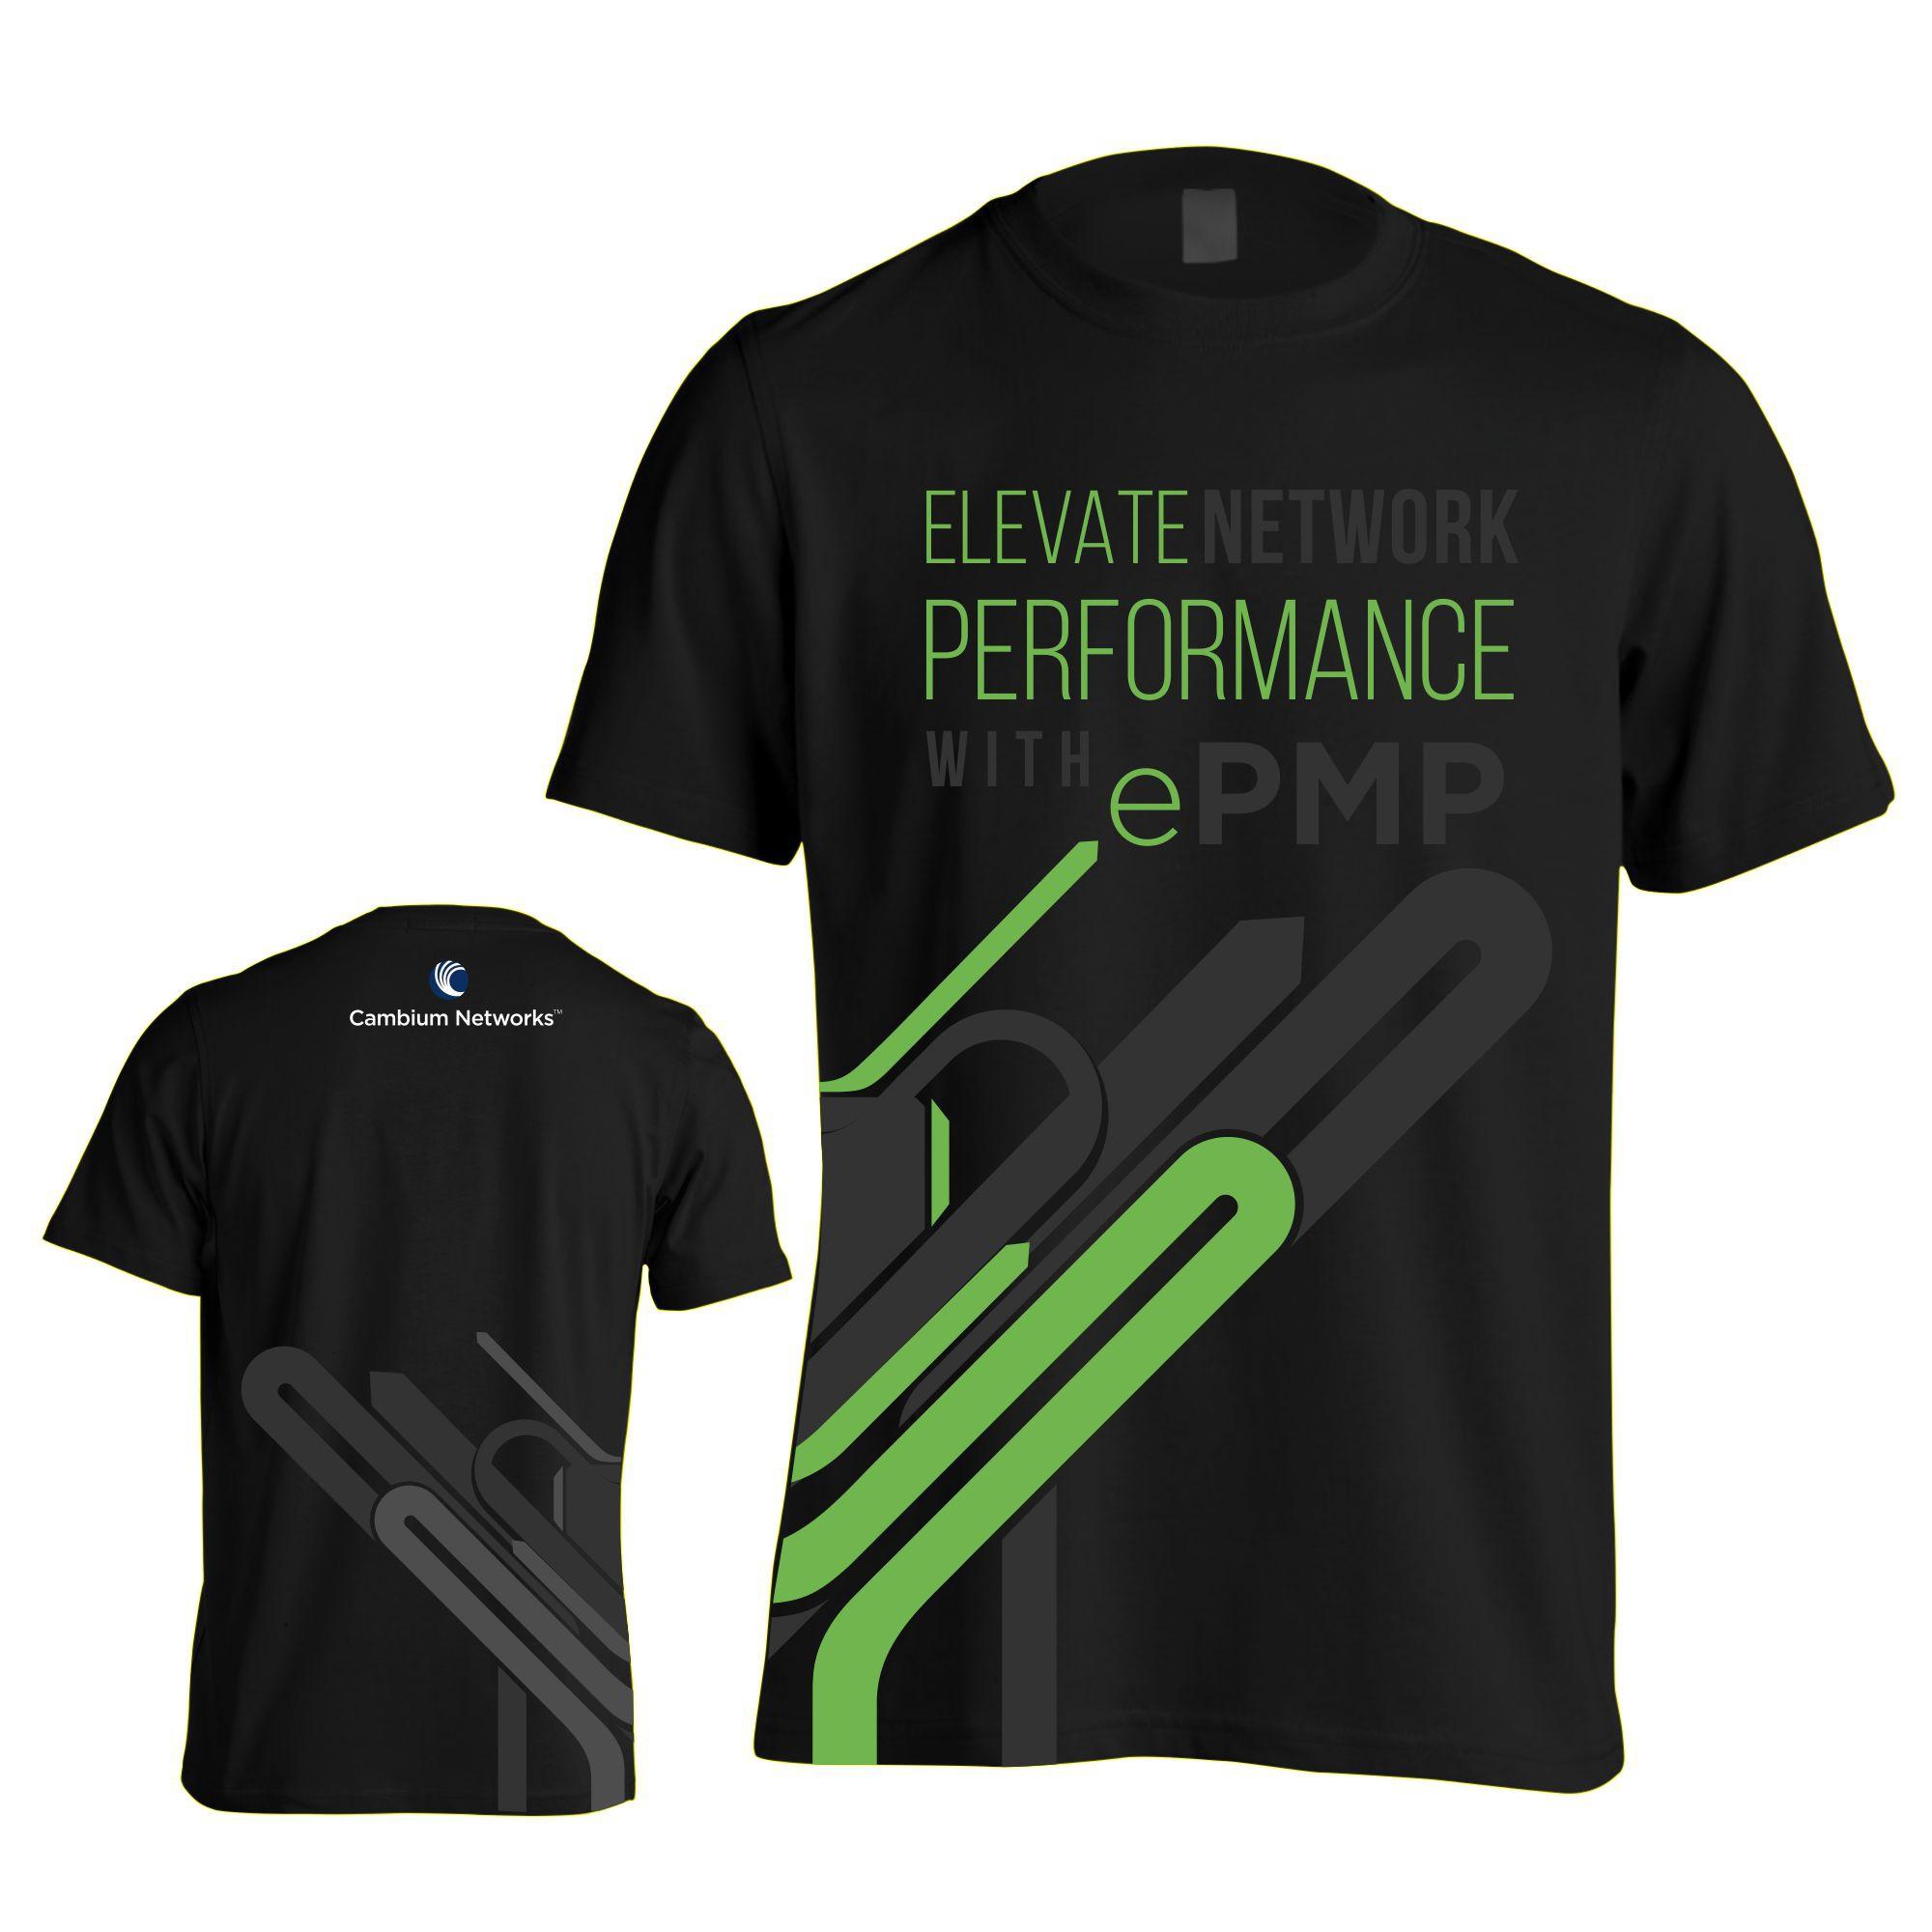 ePMP T-shirt Design